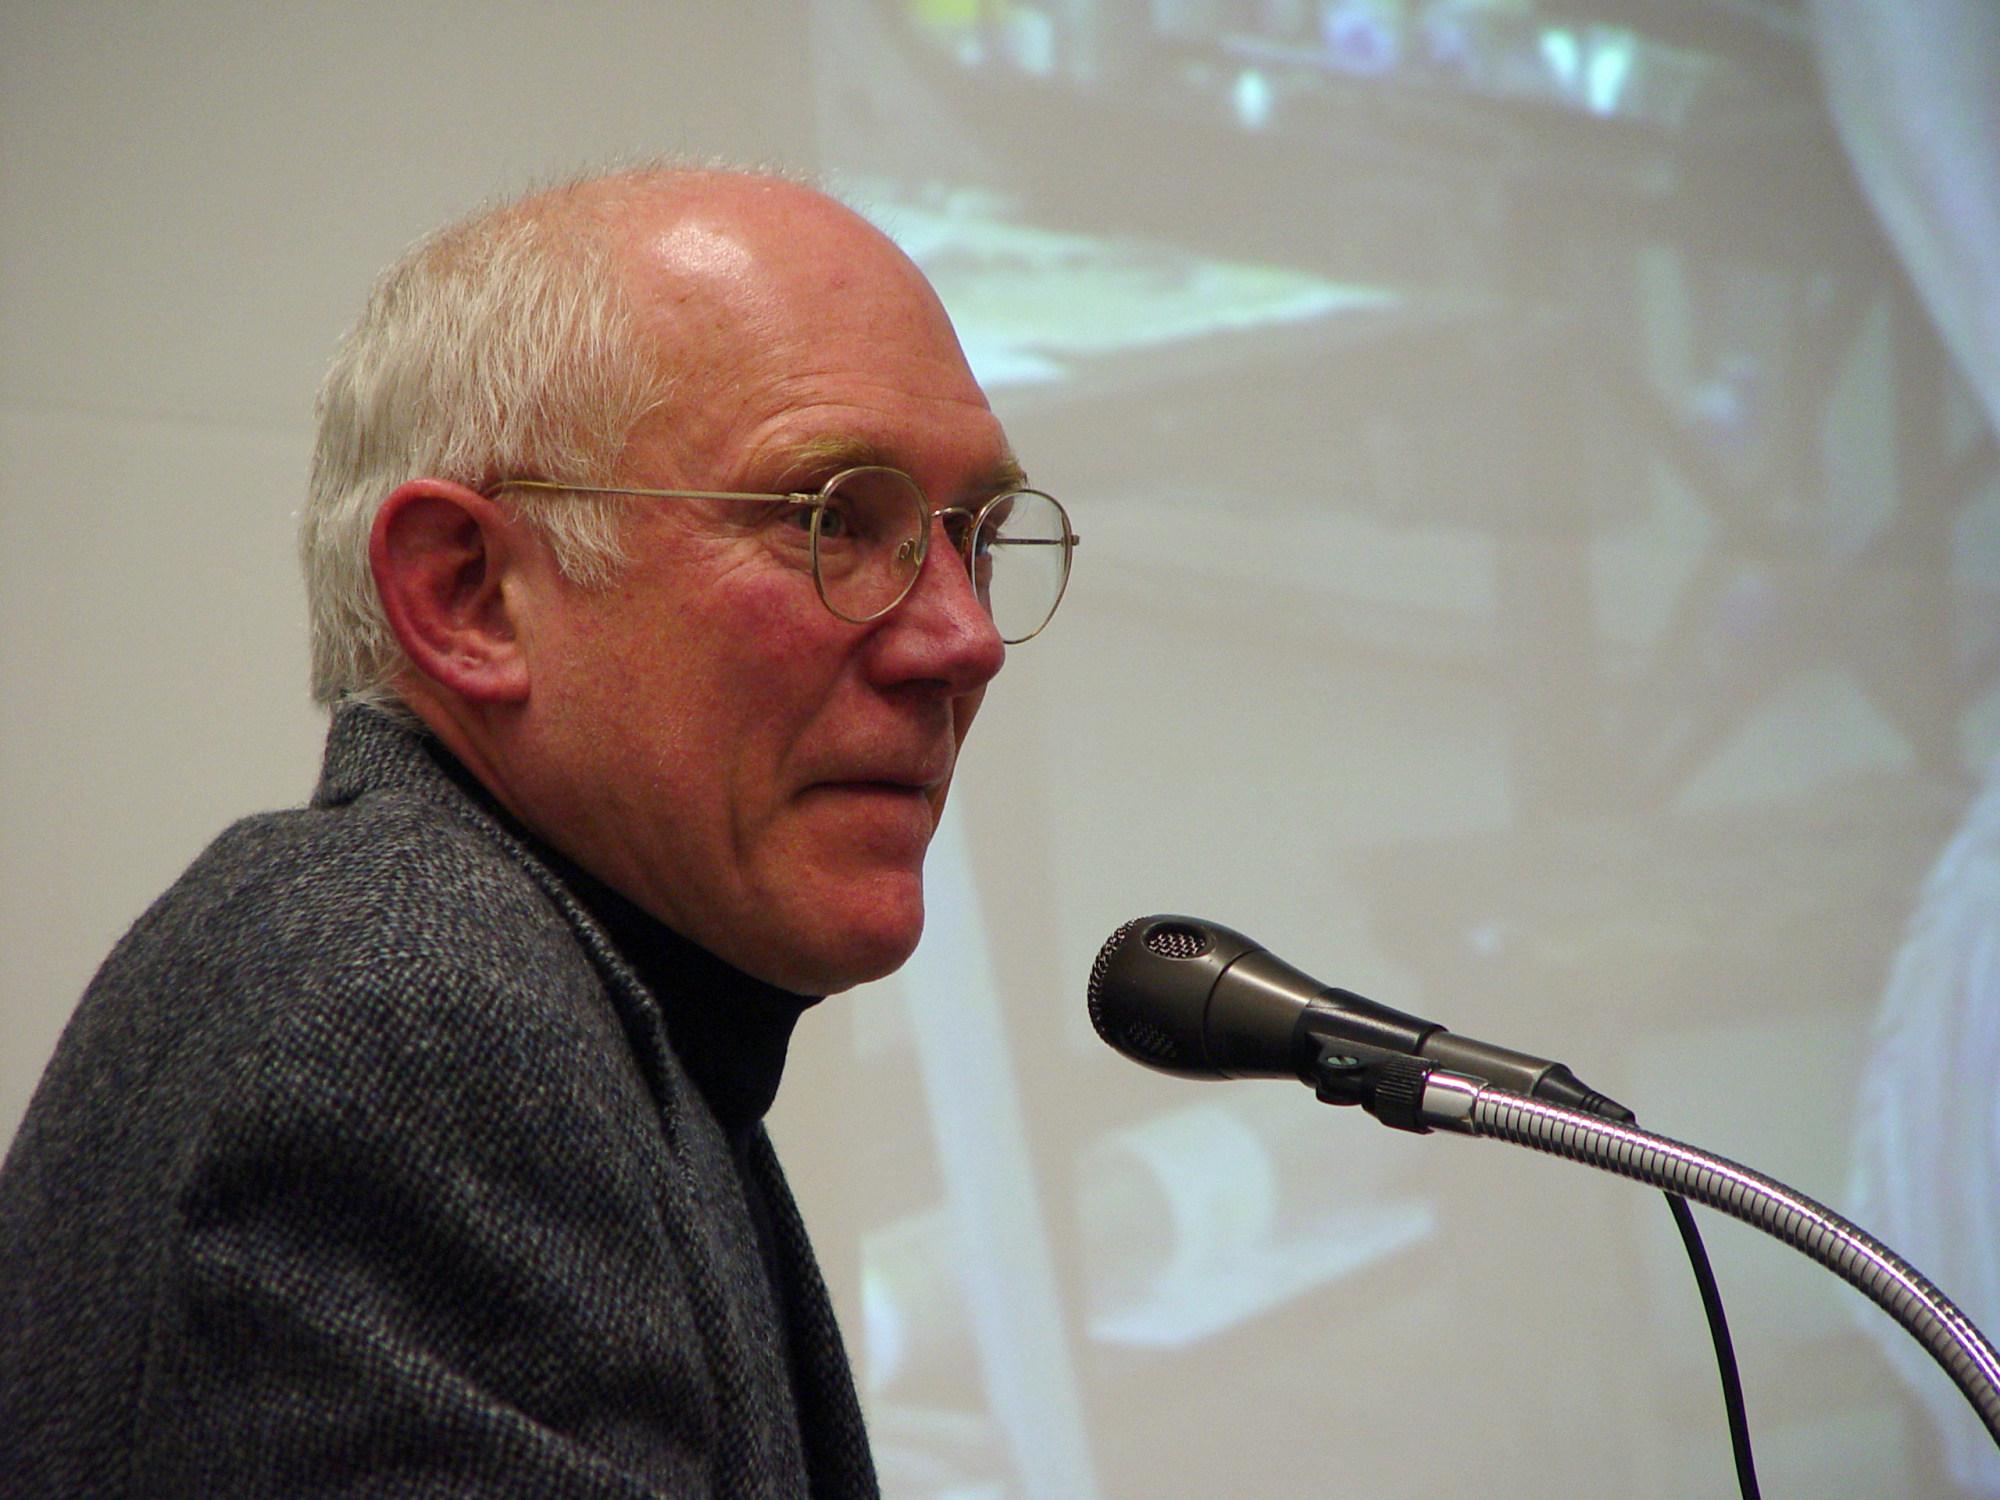 Depiction of Robert Bringhurst